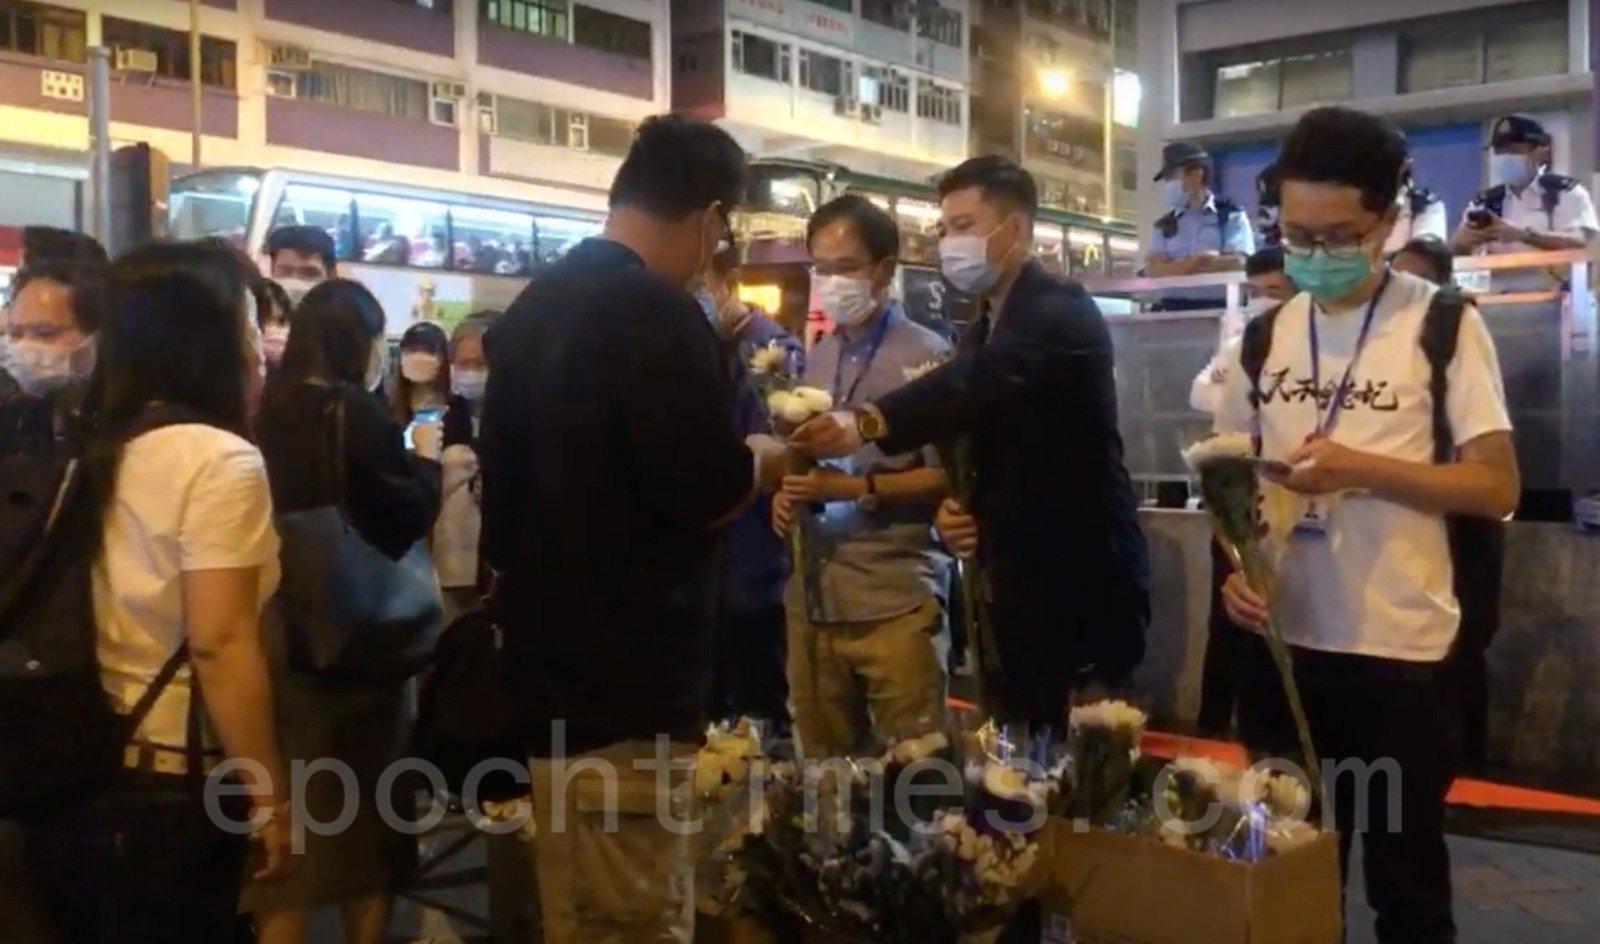 10 月31日,有區議員到太子站外幫助收集市民鮮花。(Wendy/大紀元)